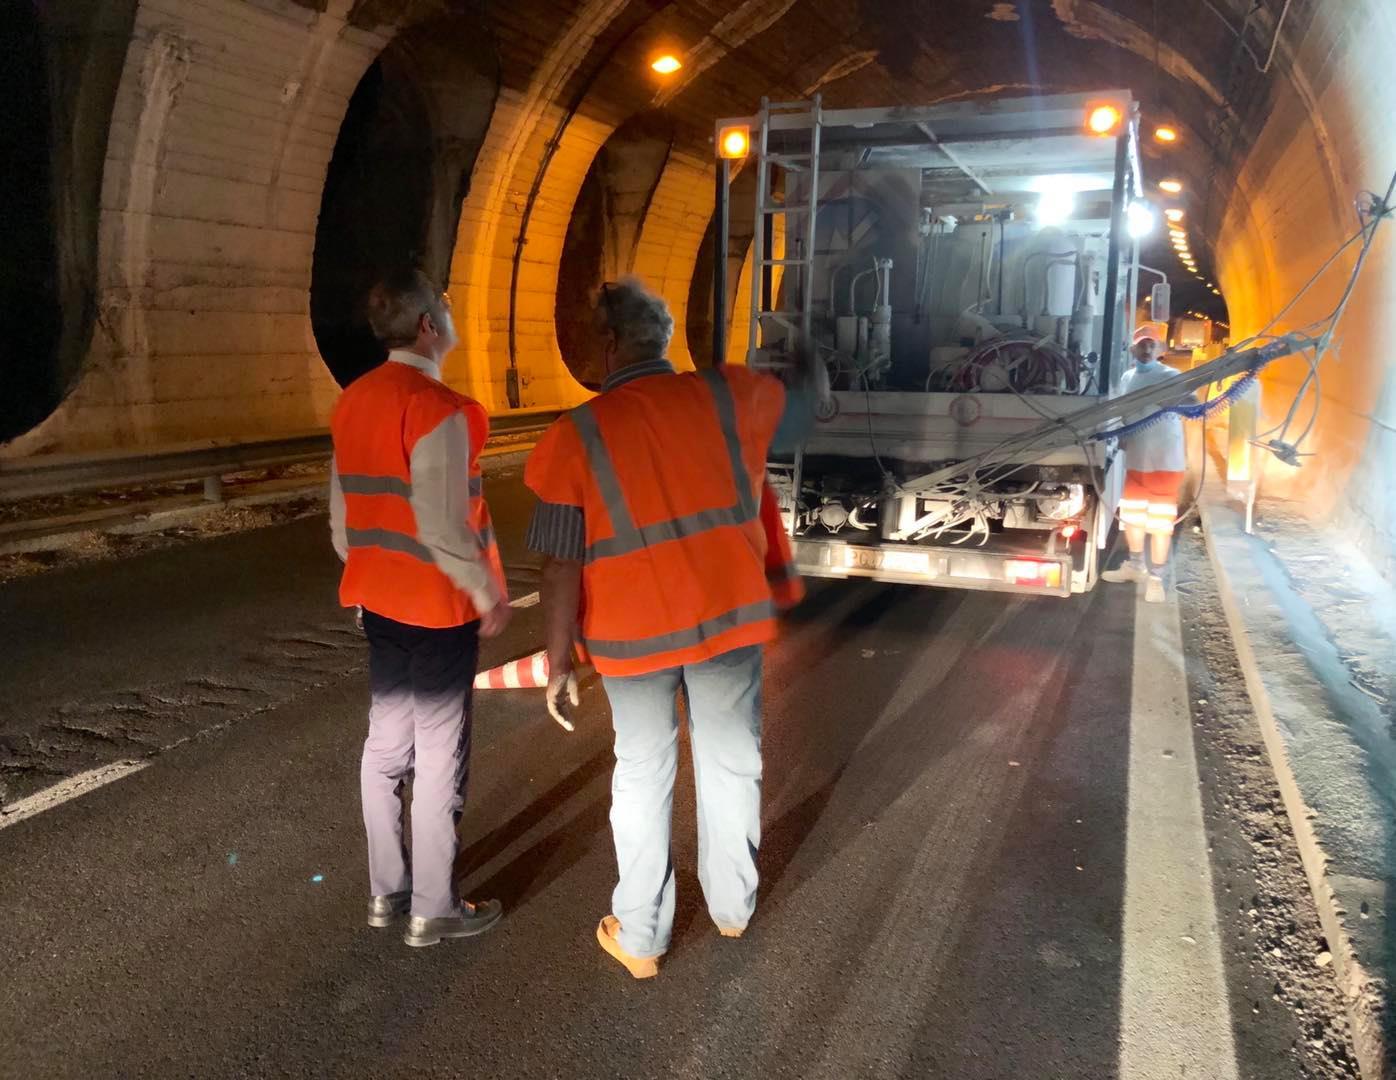 Cantieri autostradali sotto l'occhio attento di Falcone: visita a sorpresa a tarda ora